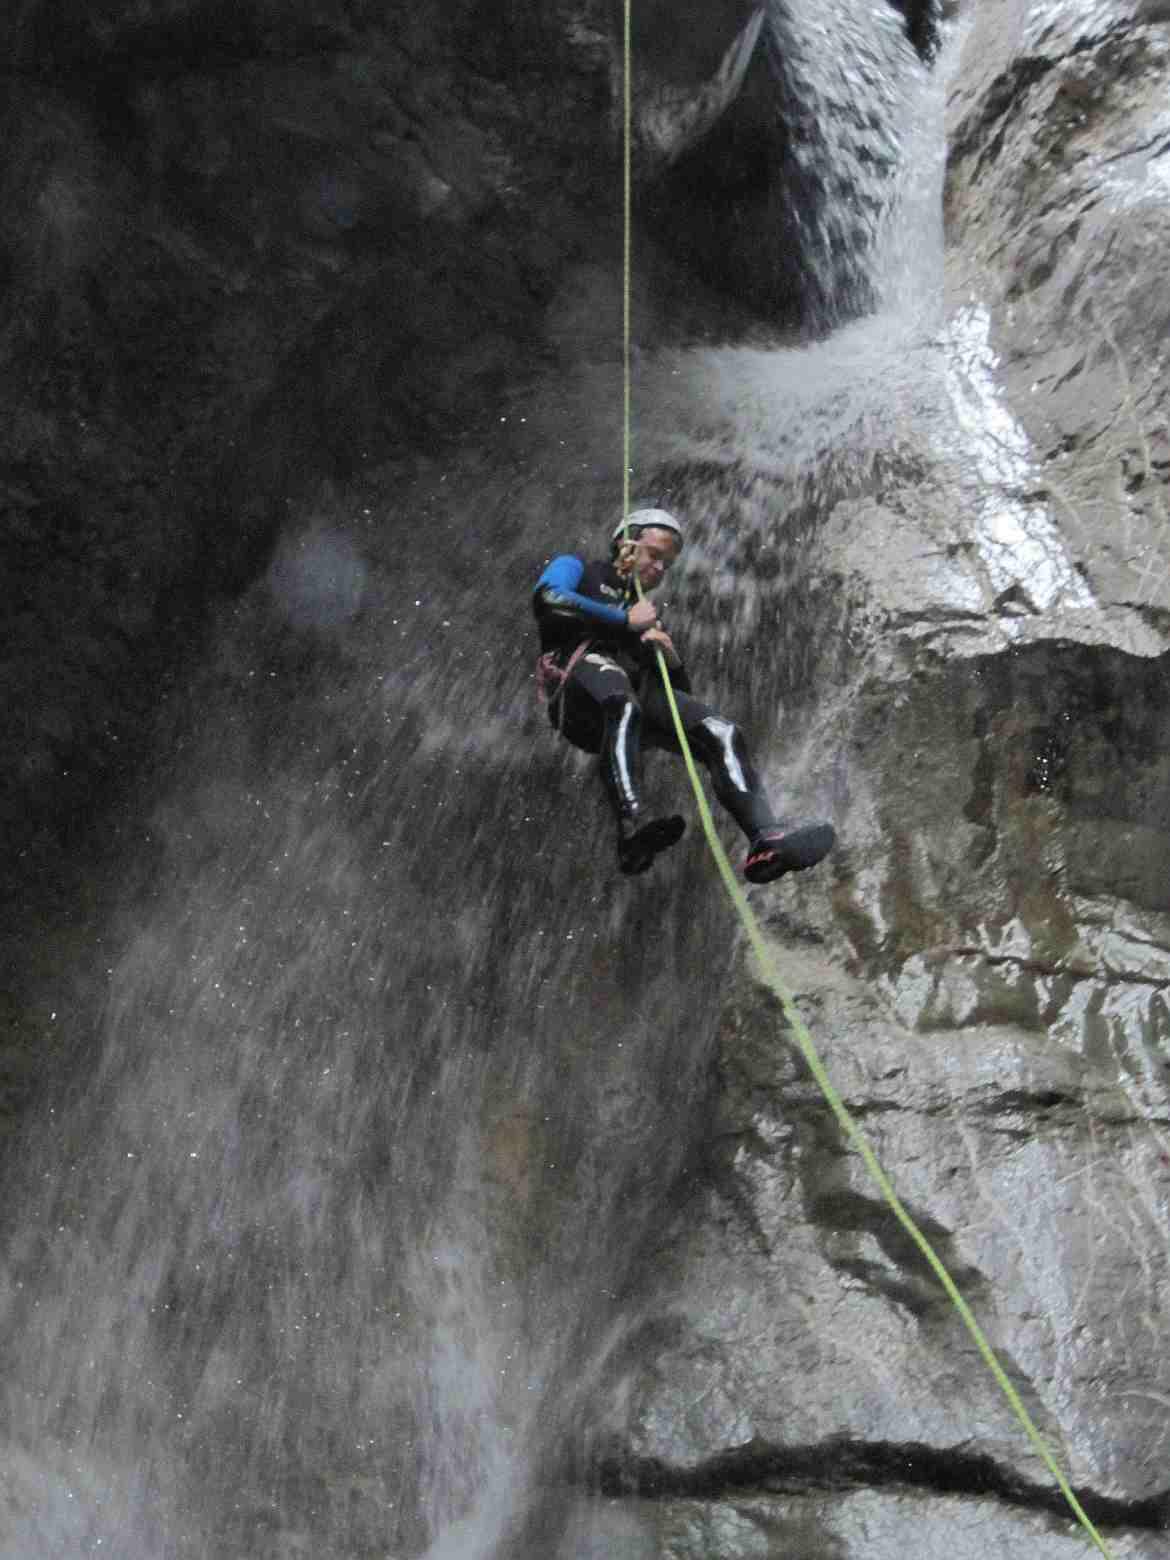 FLASHPACKER | Henning am Seil hängend beim Canyoning in Dornbirn